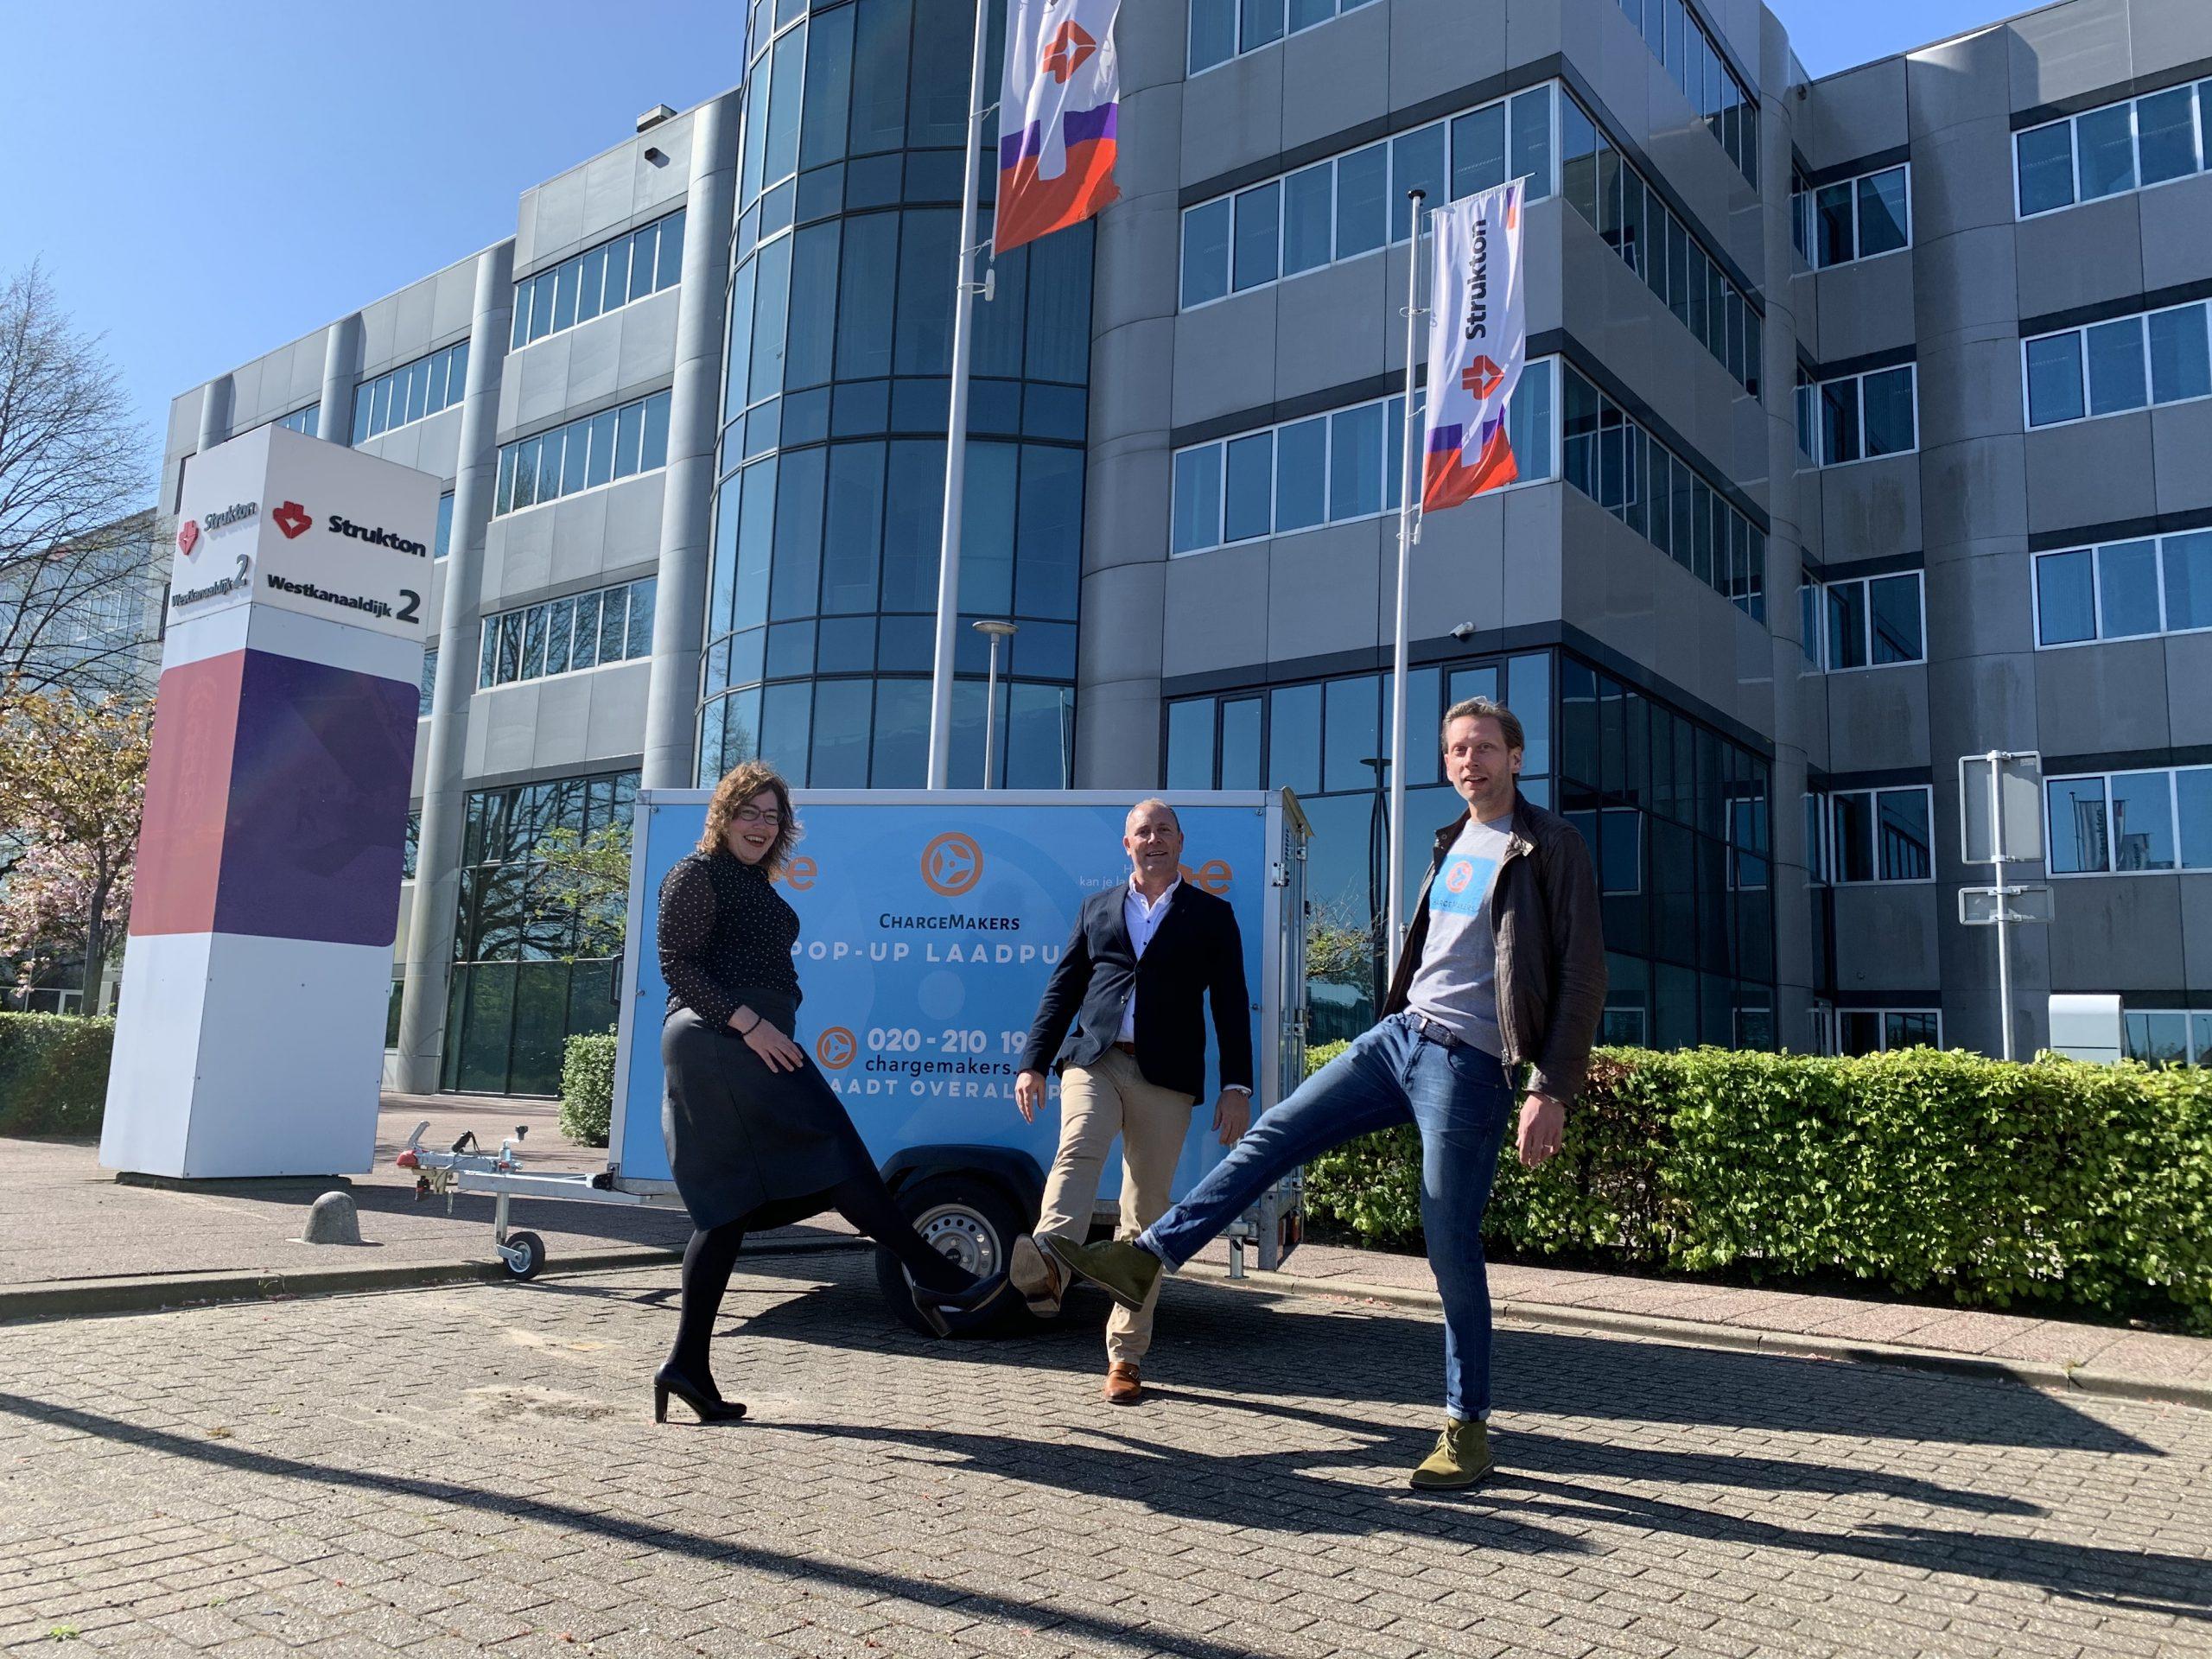 ChargeMakers Strukton samenwerking tijdelijke laadpunten bouw en infra civiel